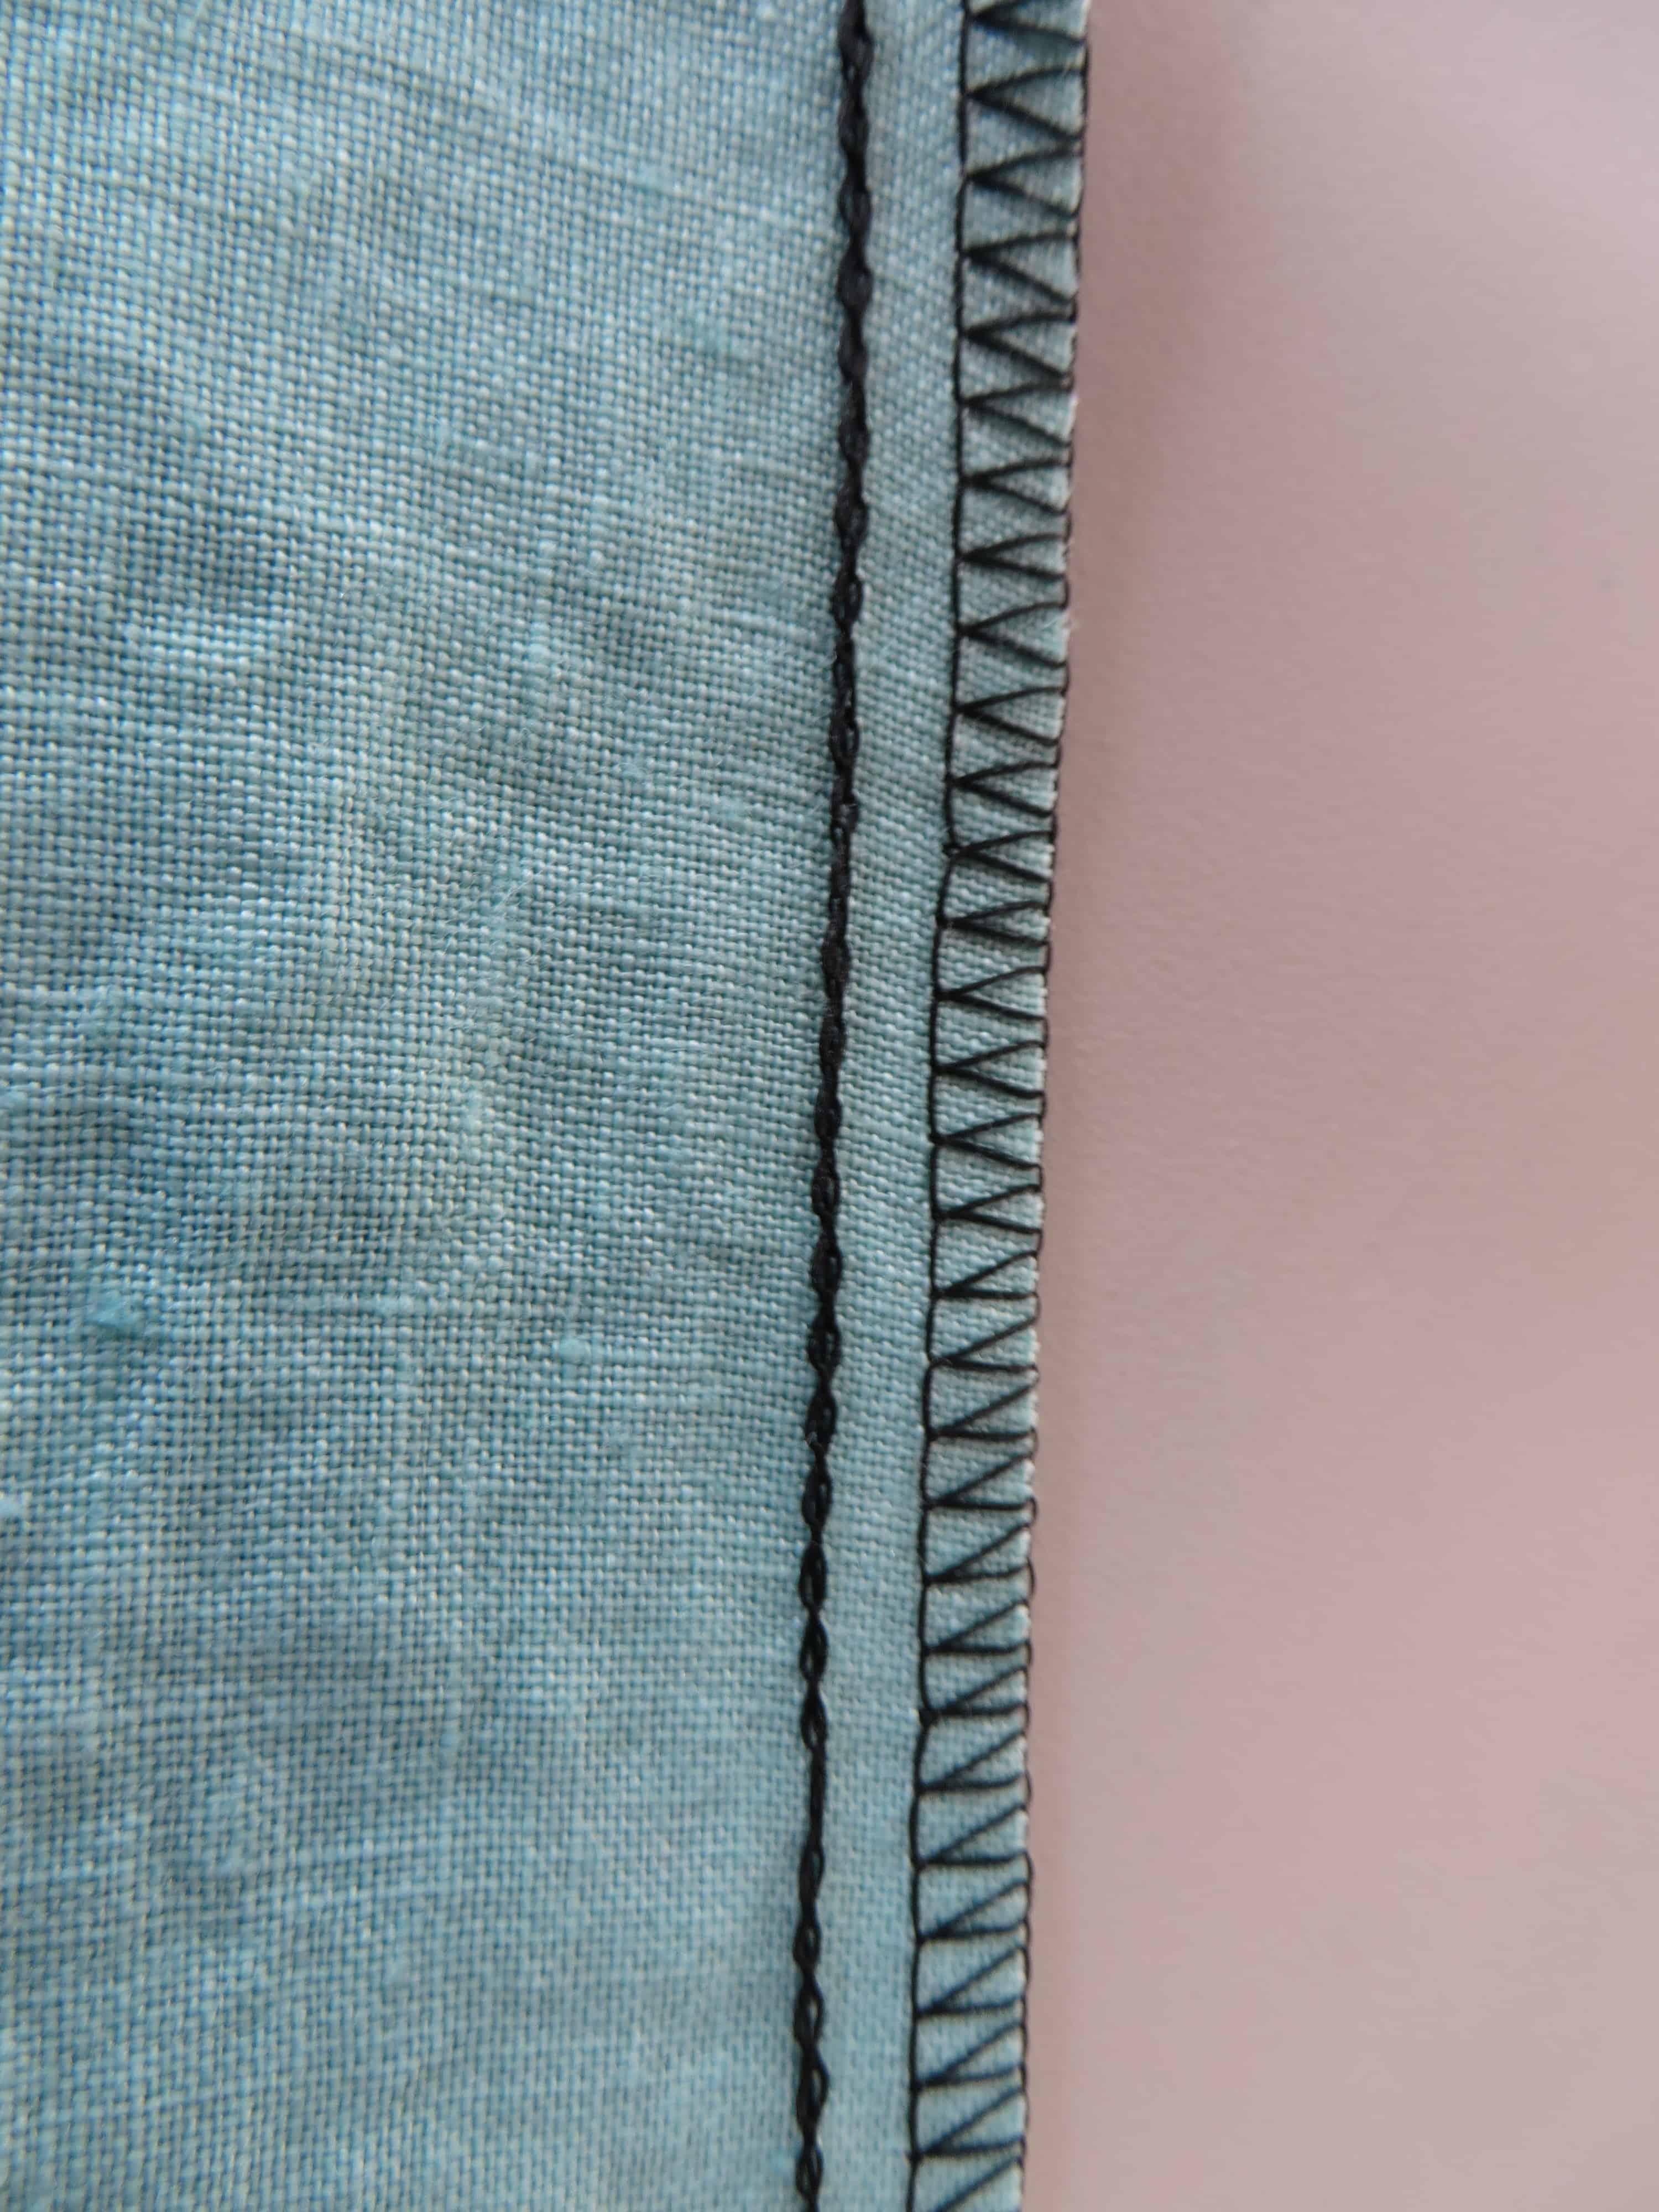 5 thread safety stitch